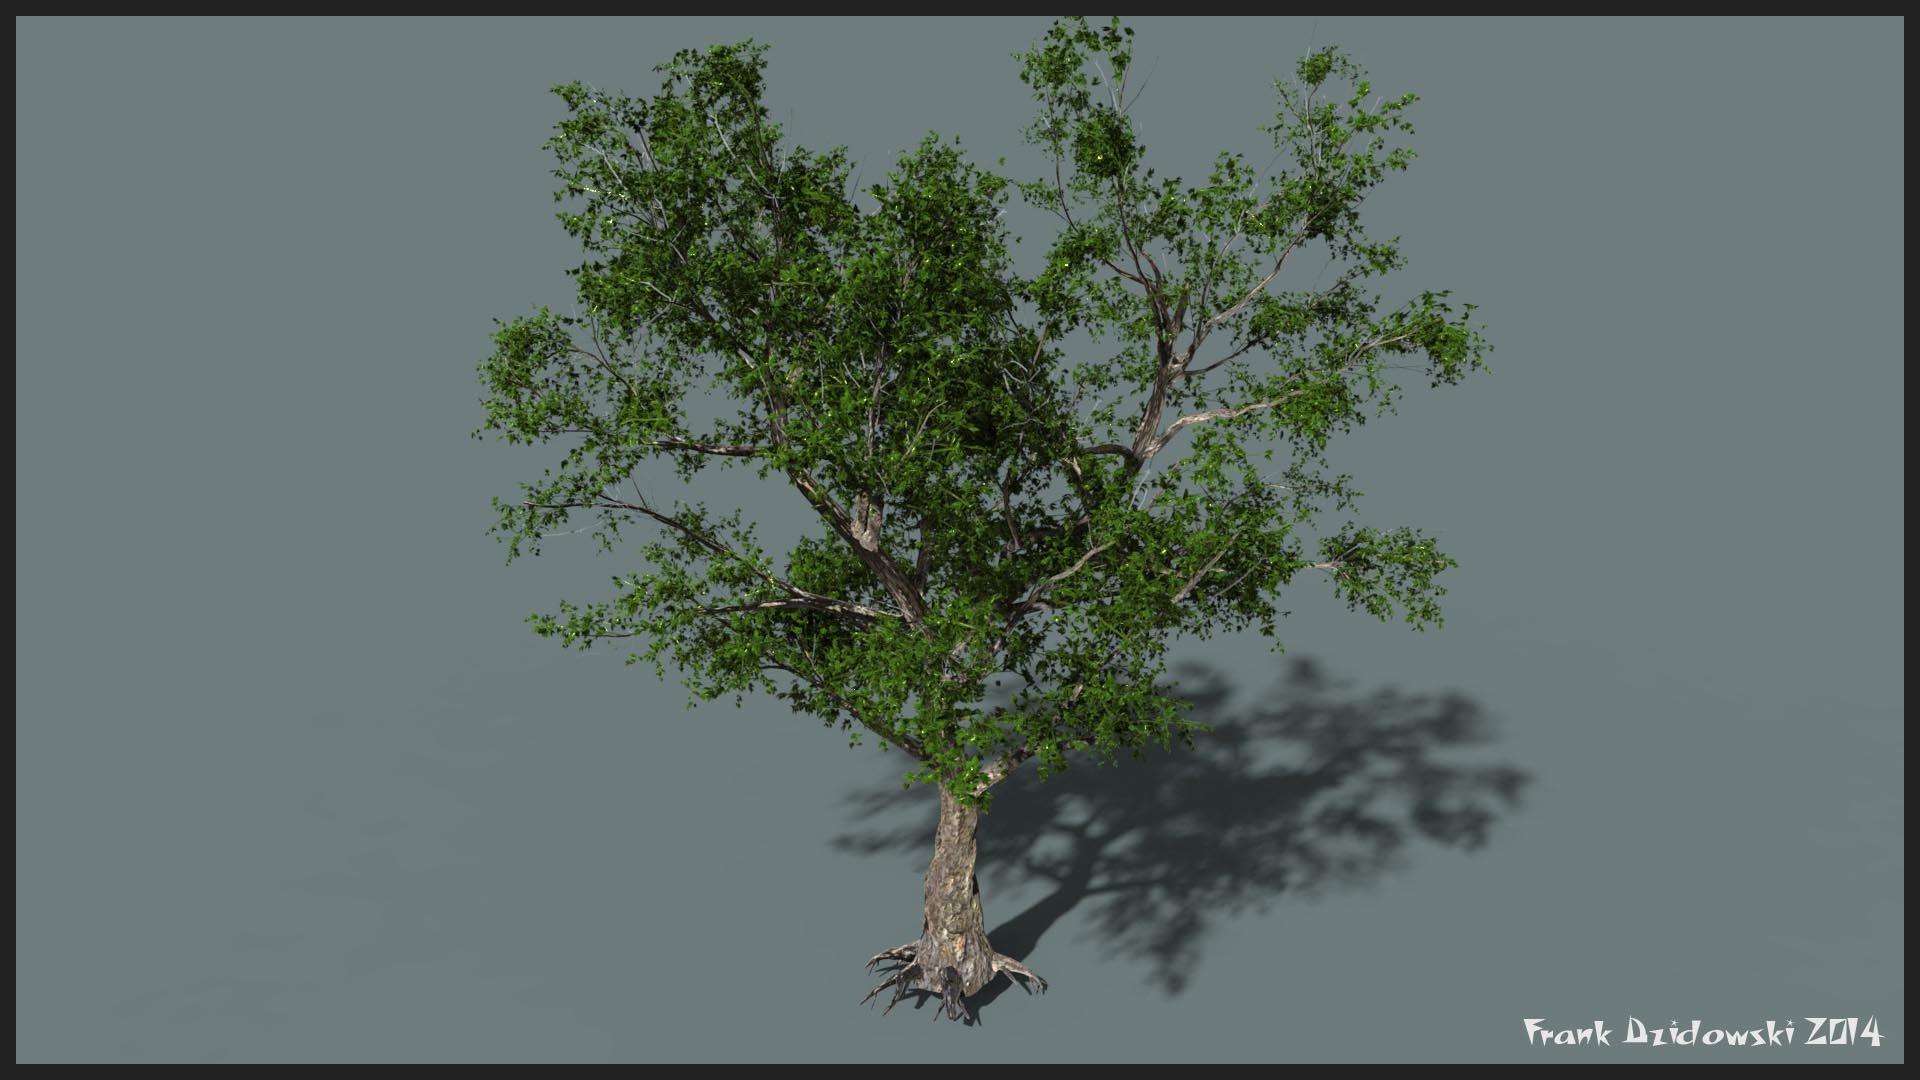 Frank dzidowski bcr tree v001